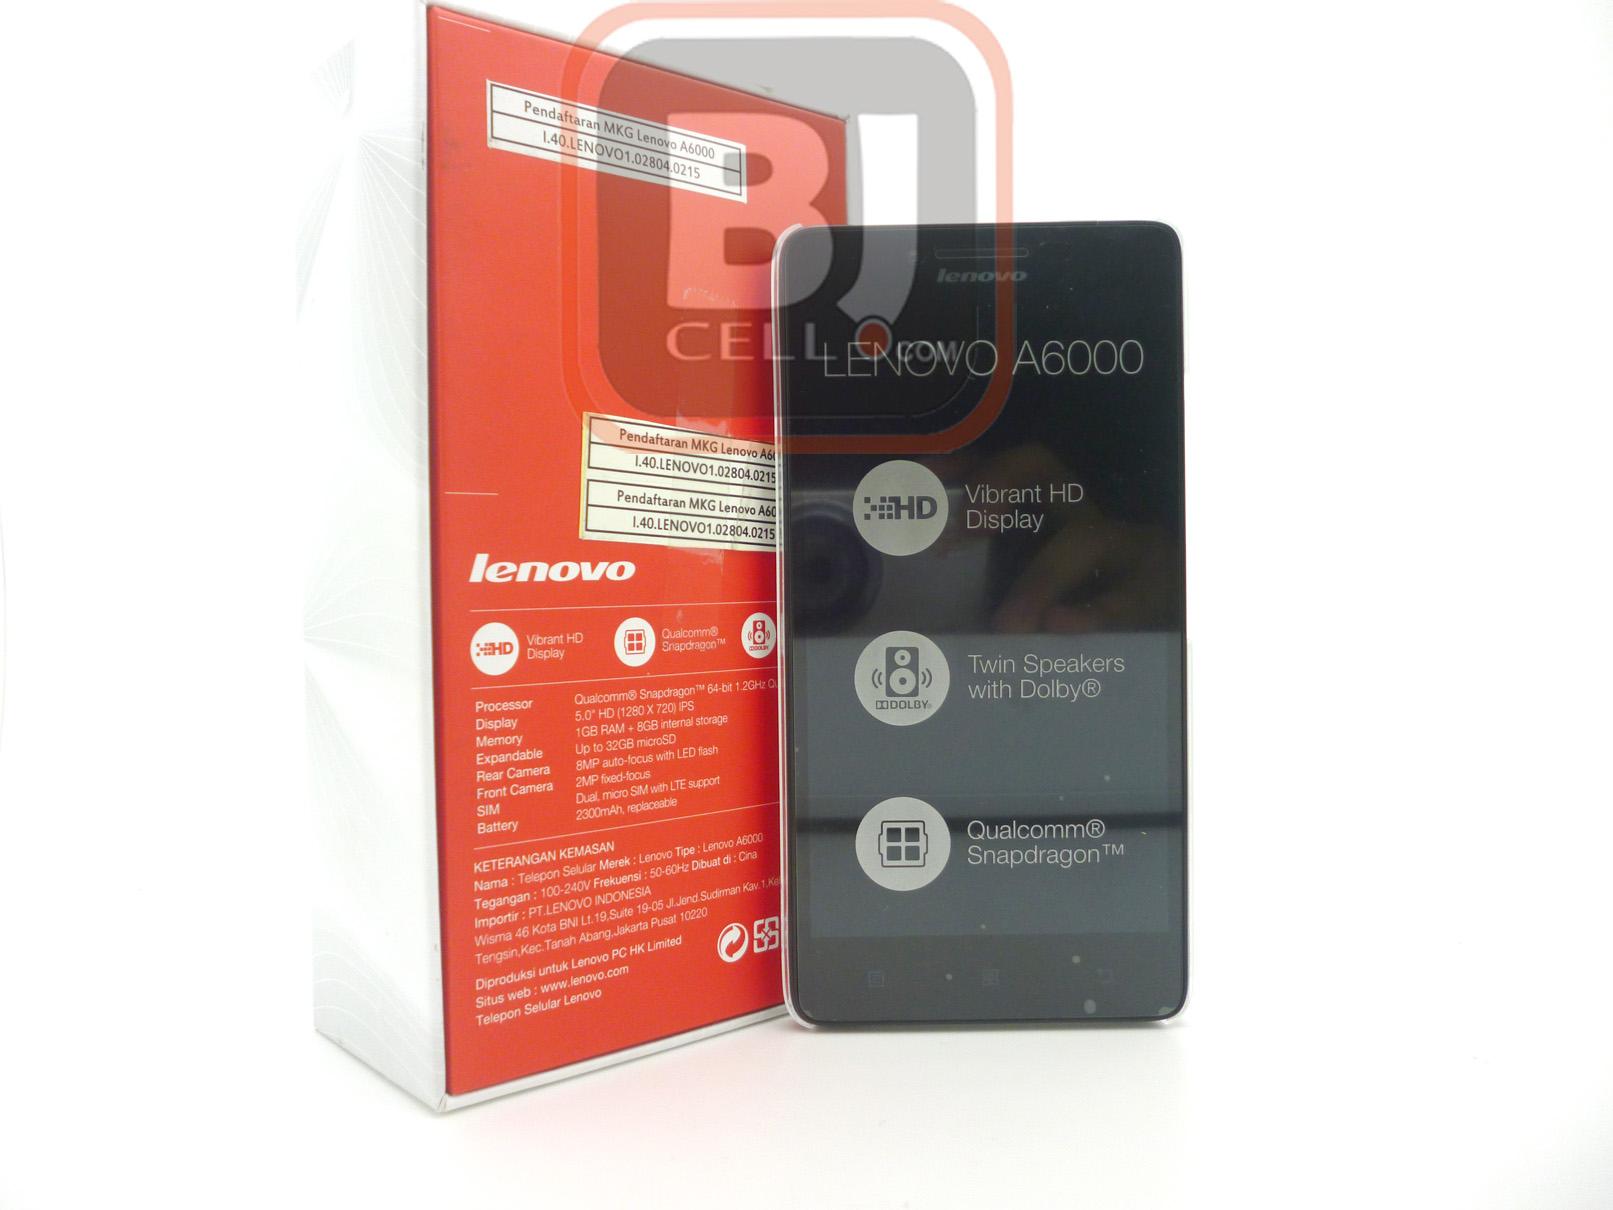 Jual Lenovo A6000 4G LTE